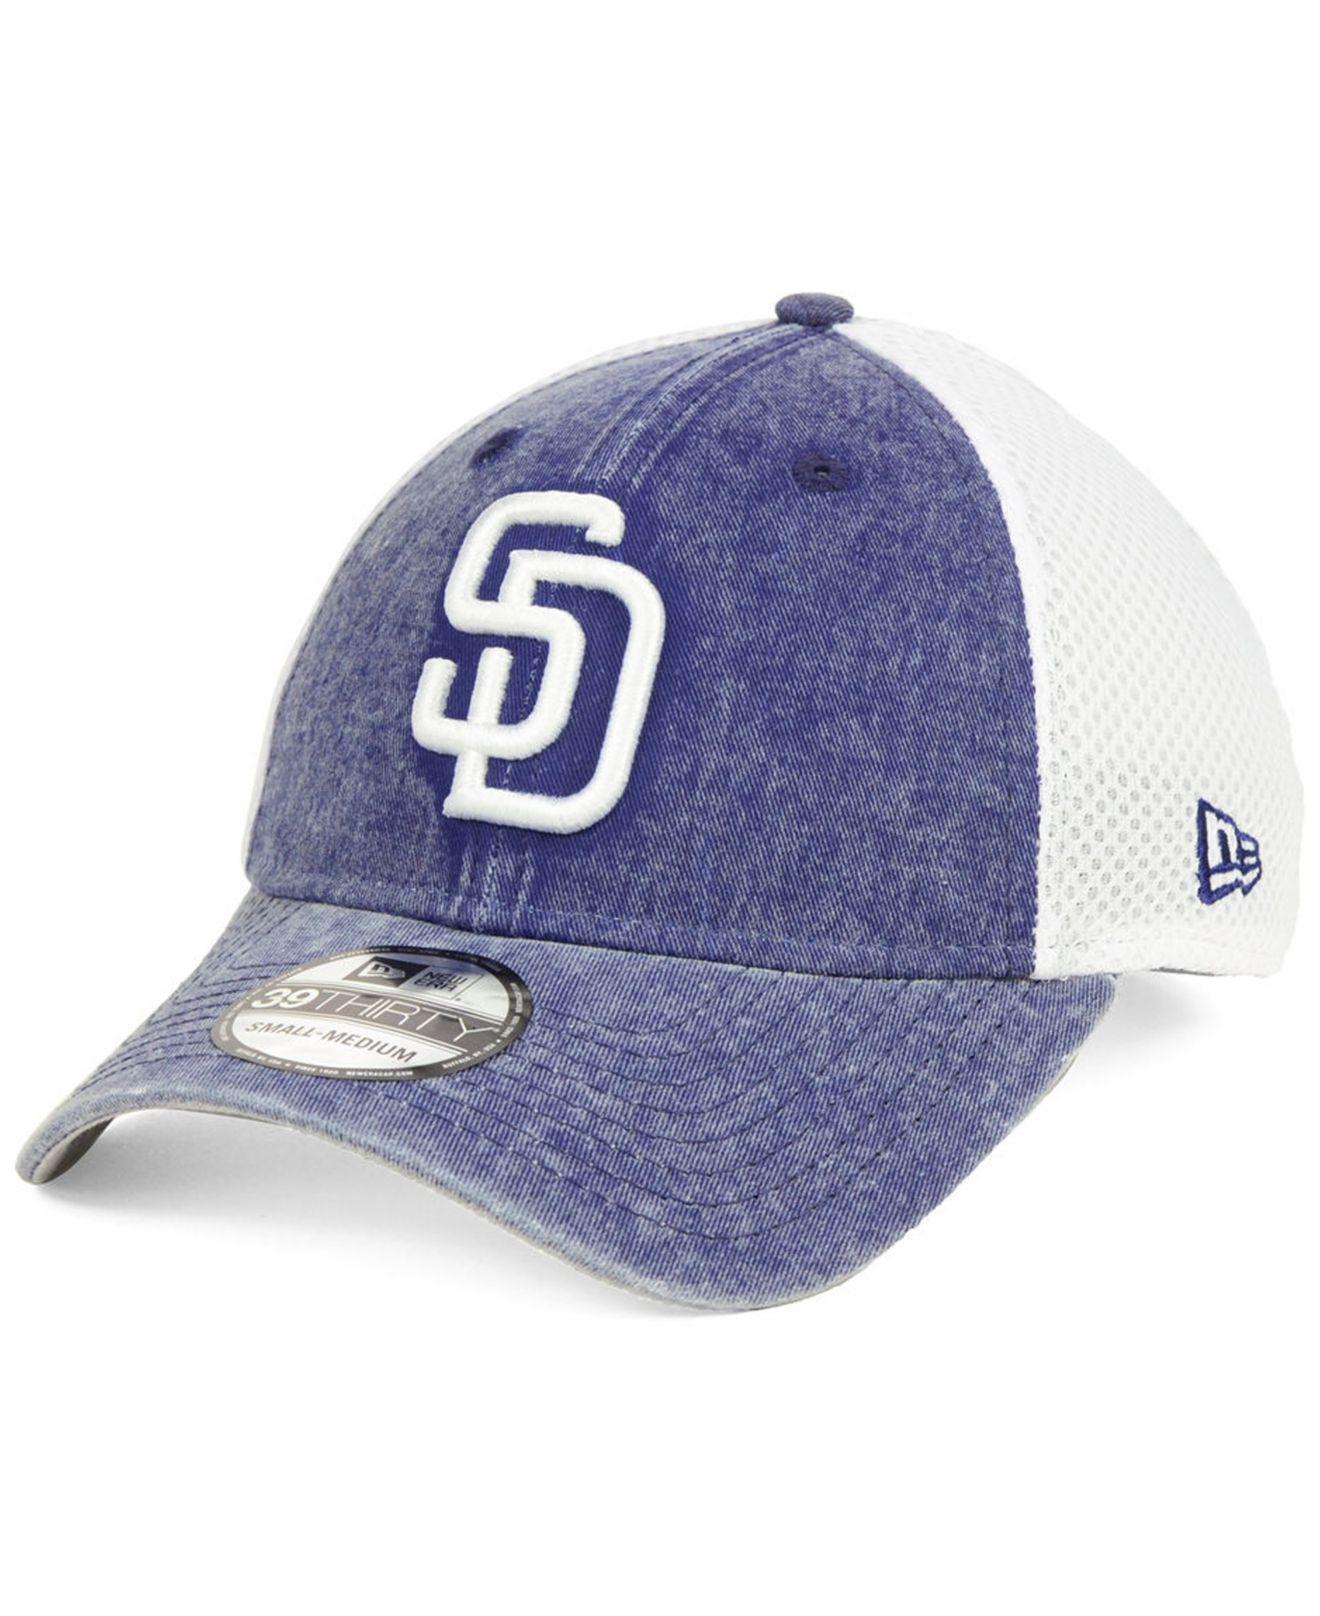 promo code 7fb46 41690 KTZ. Men s Blue San Diego Padres Hooge Neo 39thirty Cap